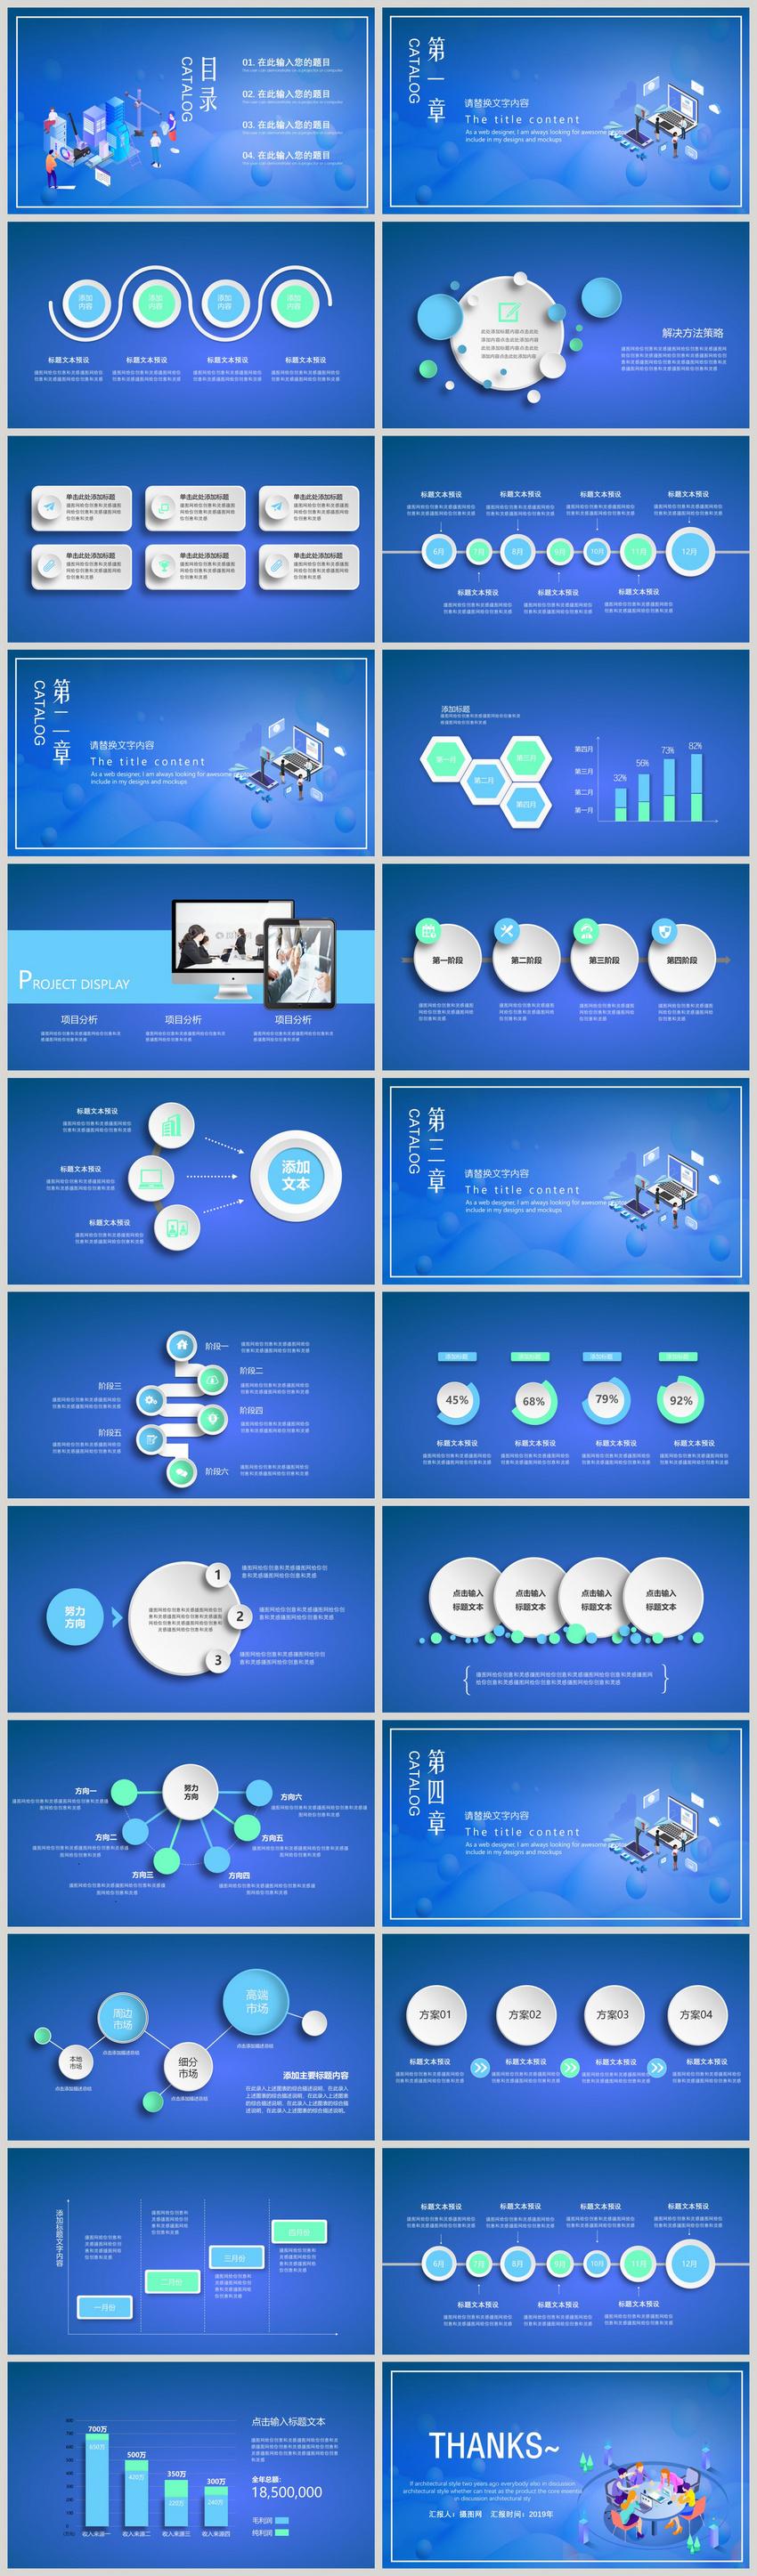 蓝色微立体团队合作企业PPT模板图片